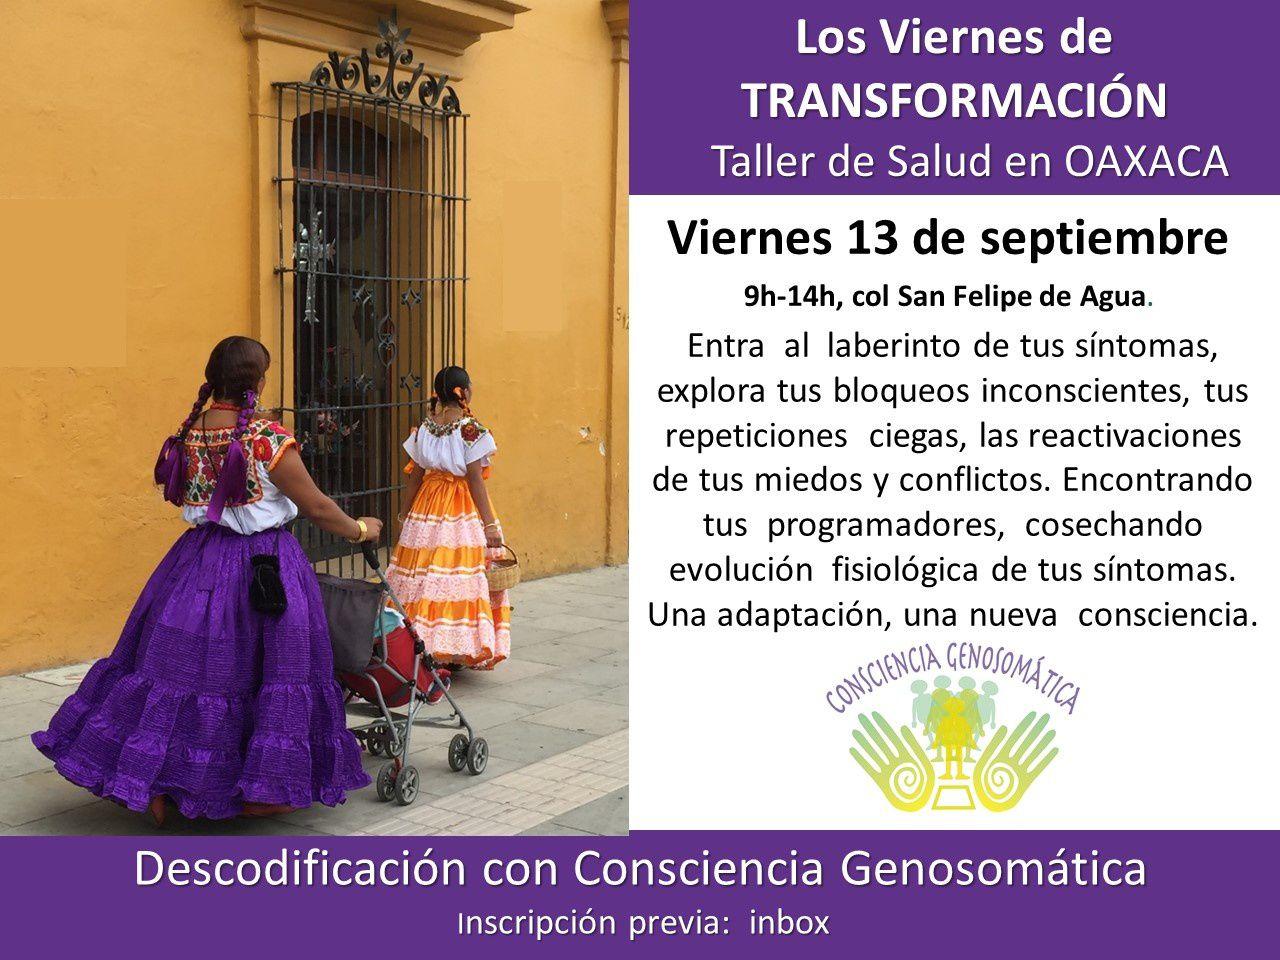 Para mis amigos de Oaxaca, este viernes 13 de septiembre, 9h -14h.  Darse el valor de evolucionar con consciencia, compartir, transmitir, trabajar en resonancia, hacer equipo con su cuerpo en lugar de tenerle miedo o meterlo a distancia.